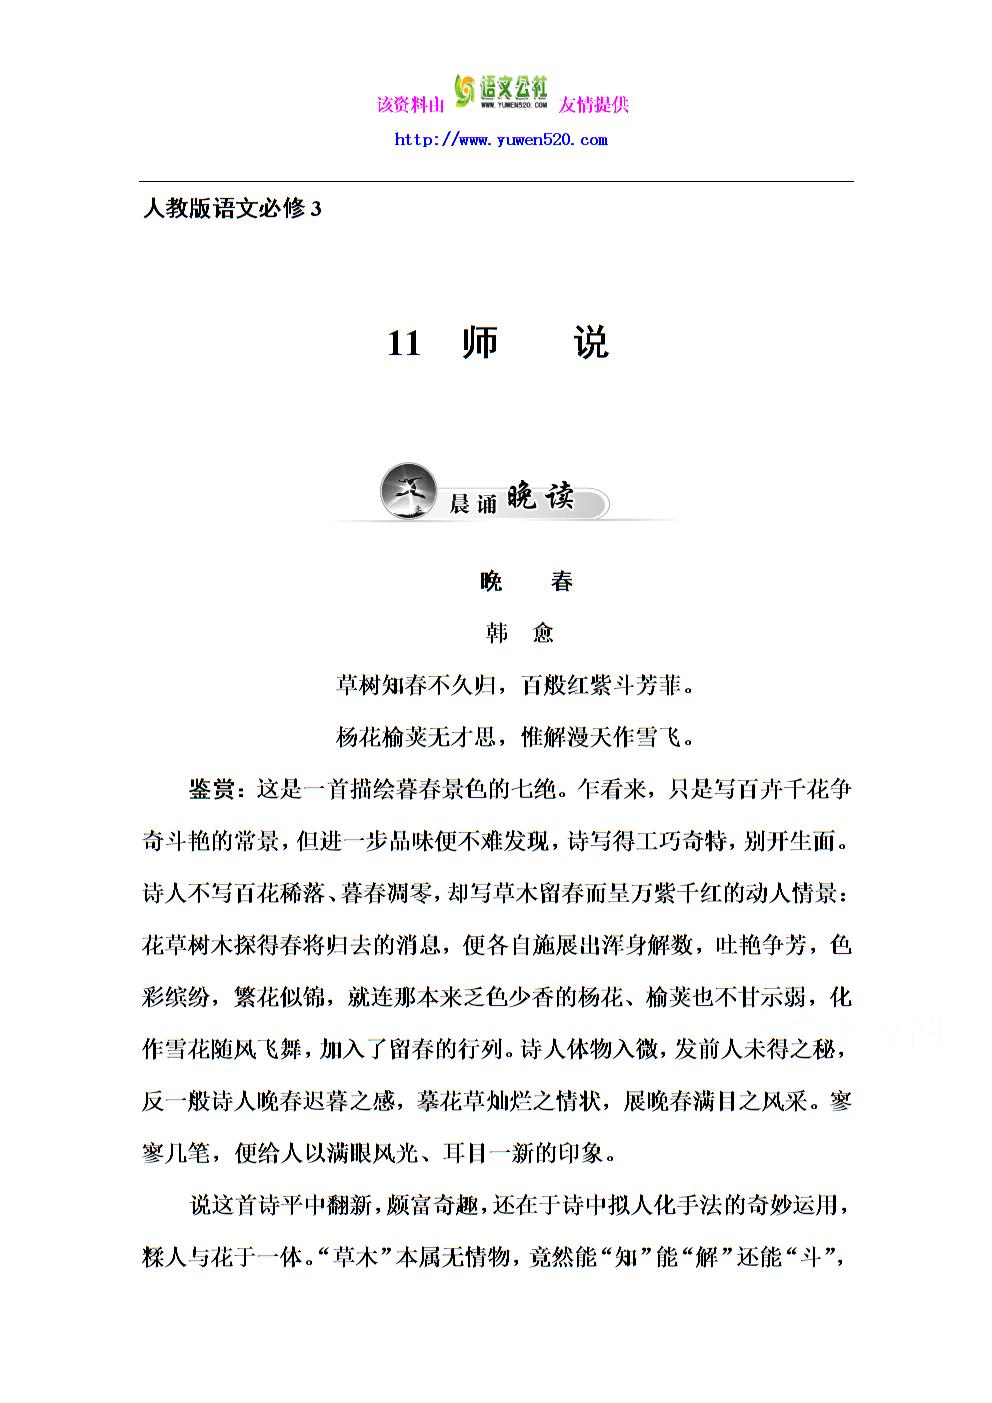 人教版语文必修三:第11课《师说》同步练习(含答案).doc